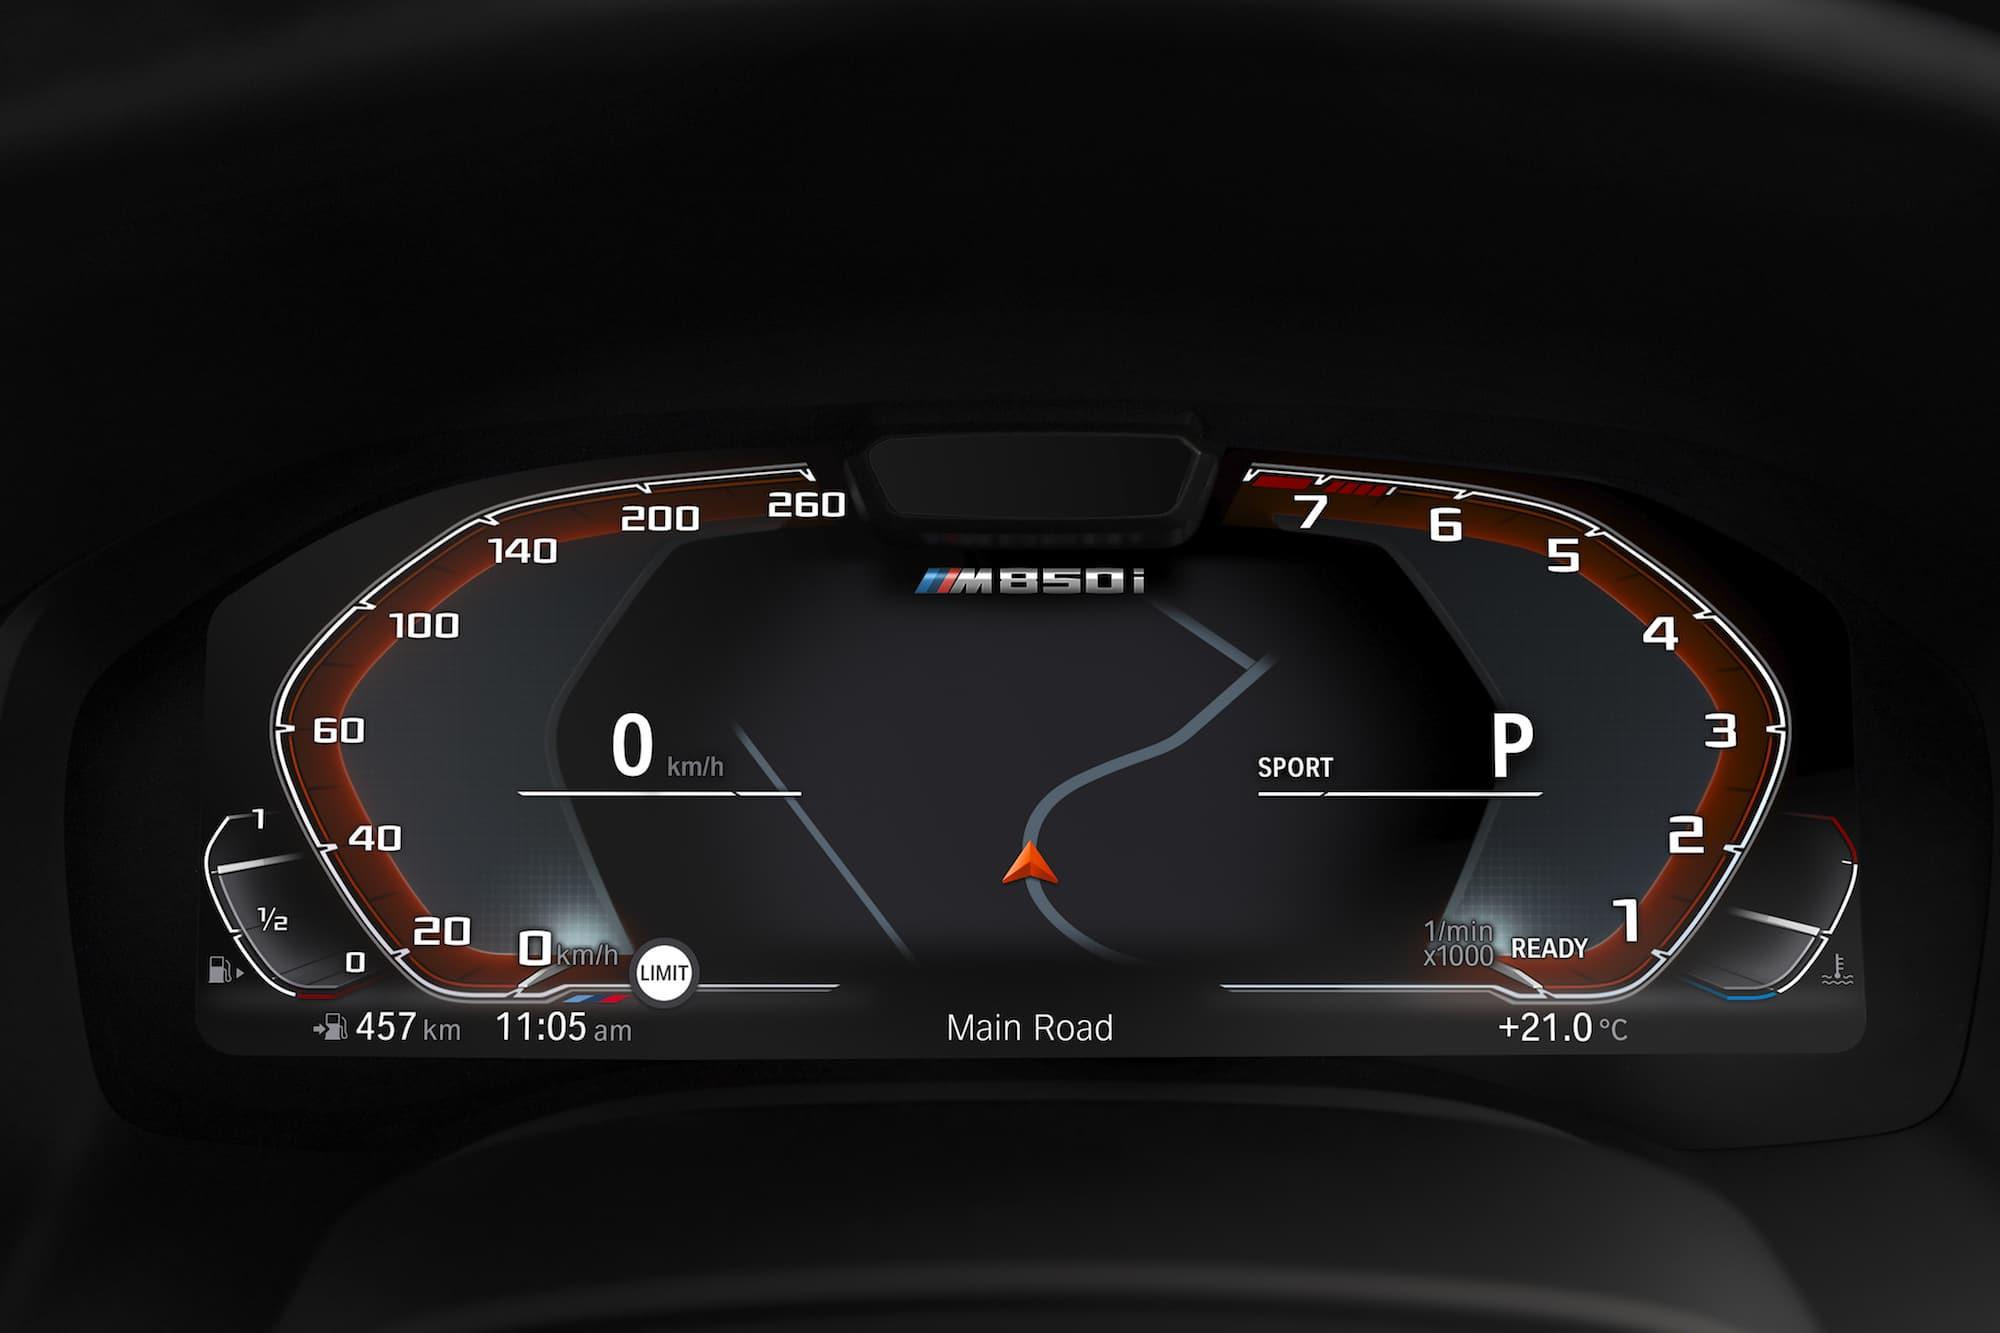 BMW belebt 8er Serie wieder: Das ist der neue BMW M850i xDrive 11